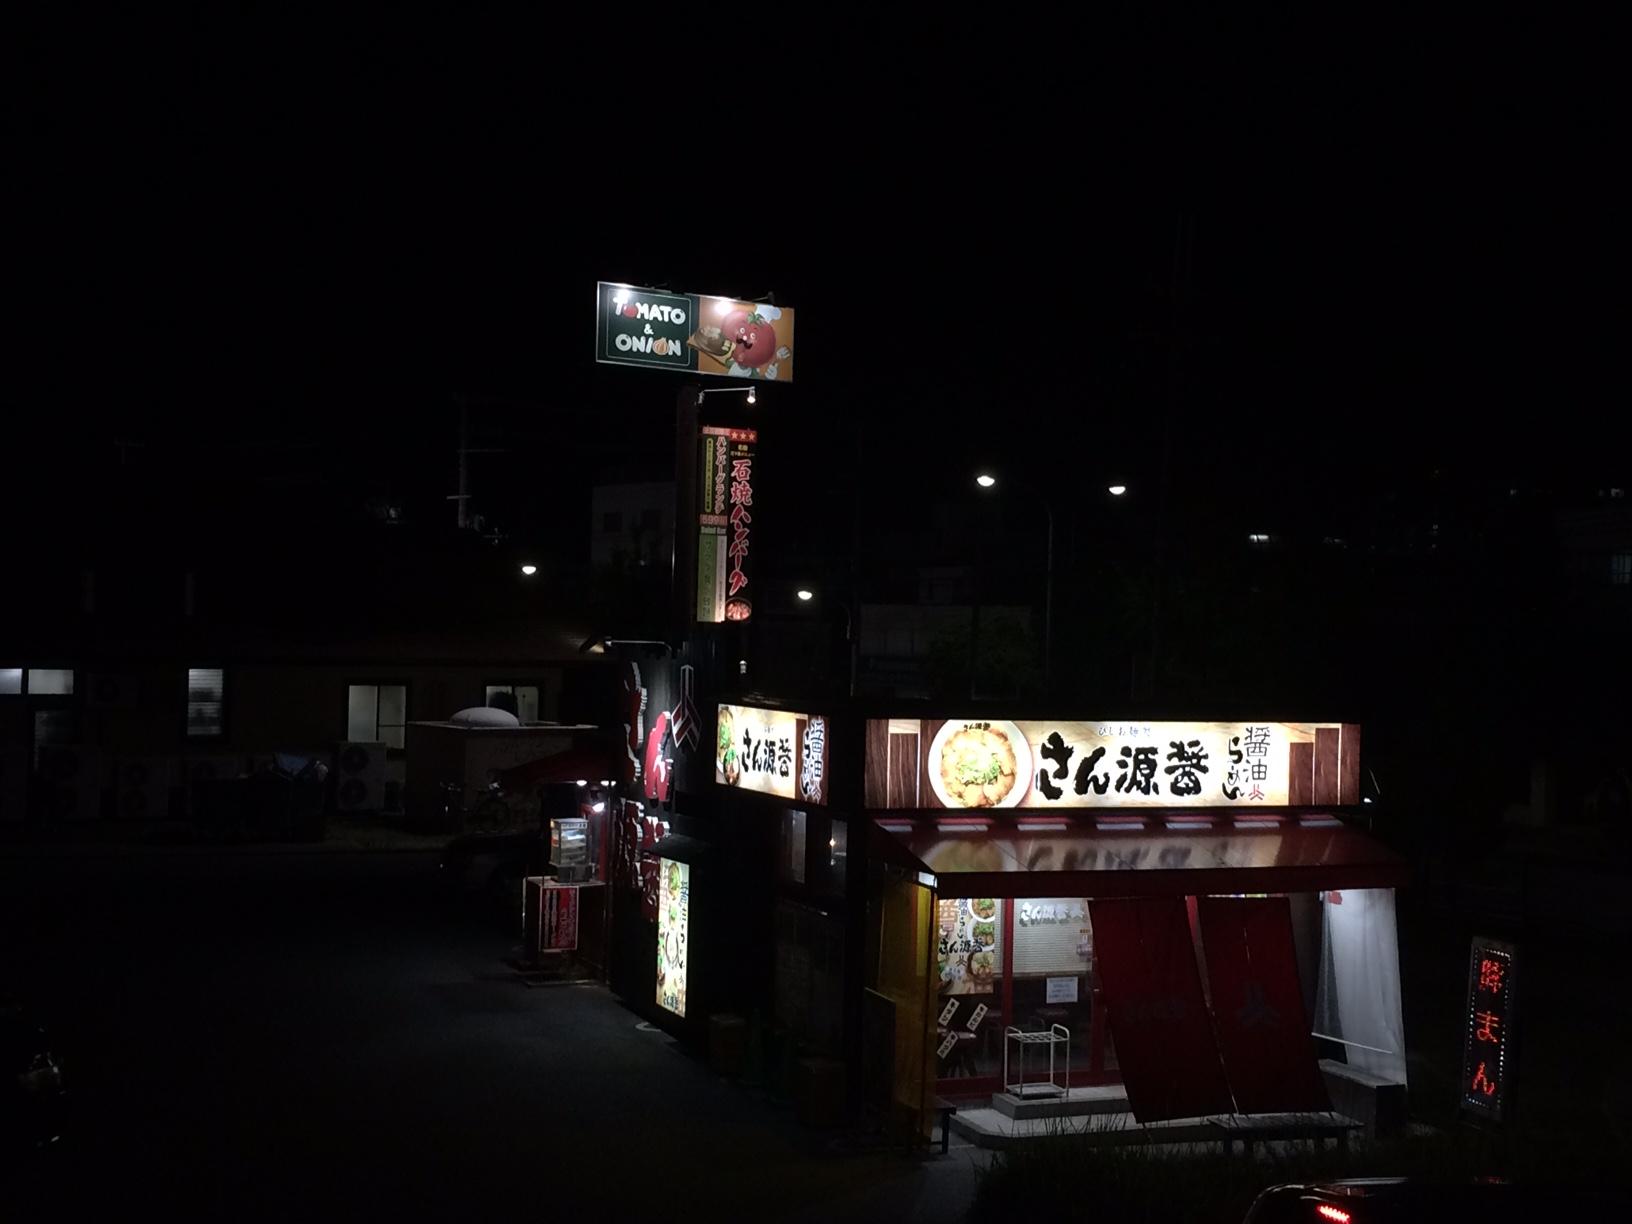 今日の #ラーメニング さん源醤(新長田)の生醤油ラーメン オーソドックスな醤油スープに細麺の組み合わせだと麺とスープが絡まないので口当たりが物足りない感じでネギやモヤシの味が引き立つ